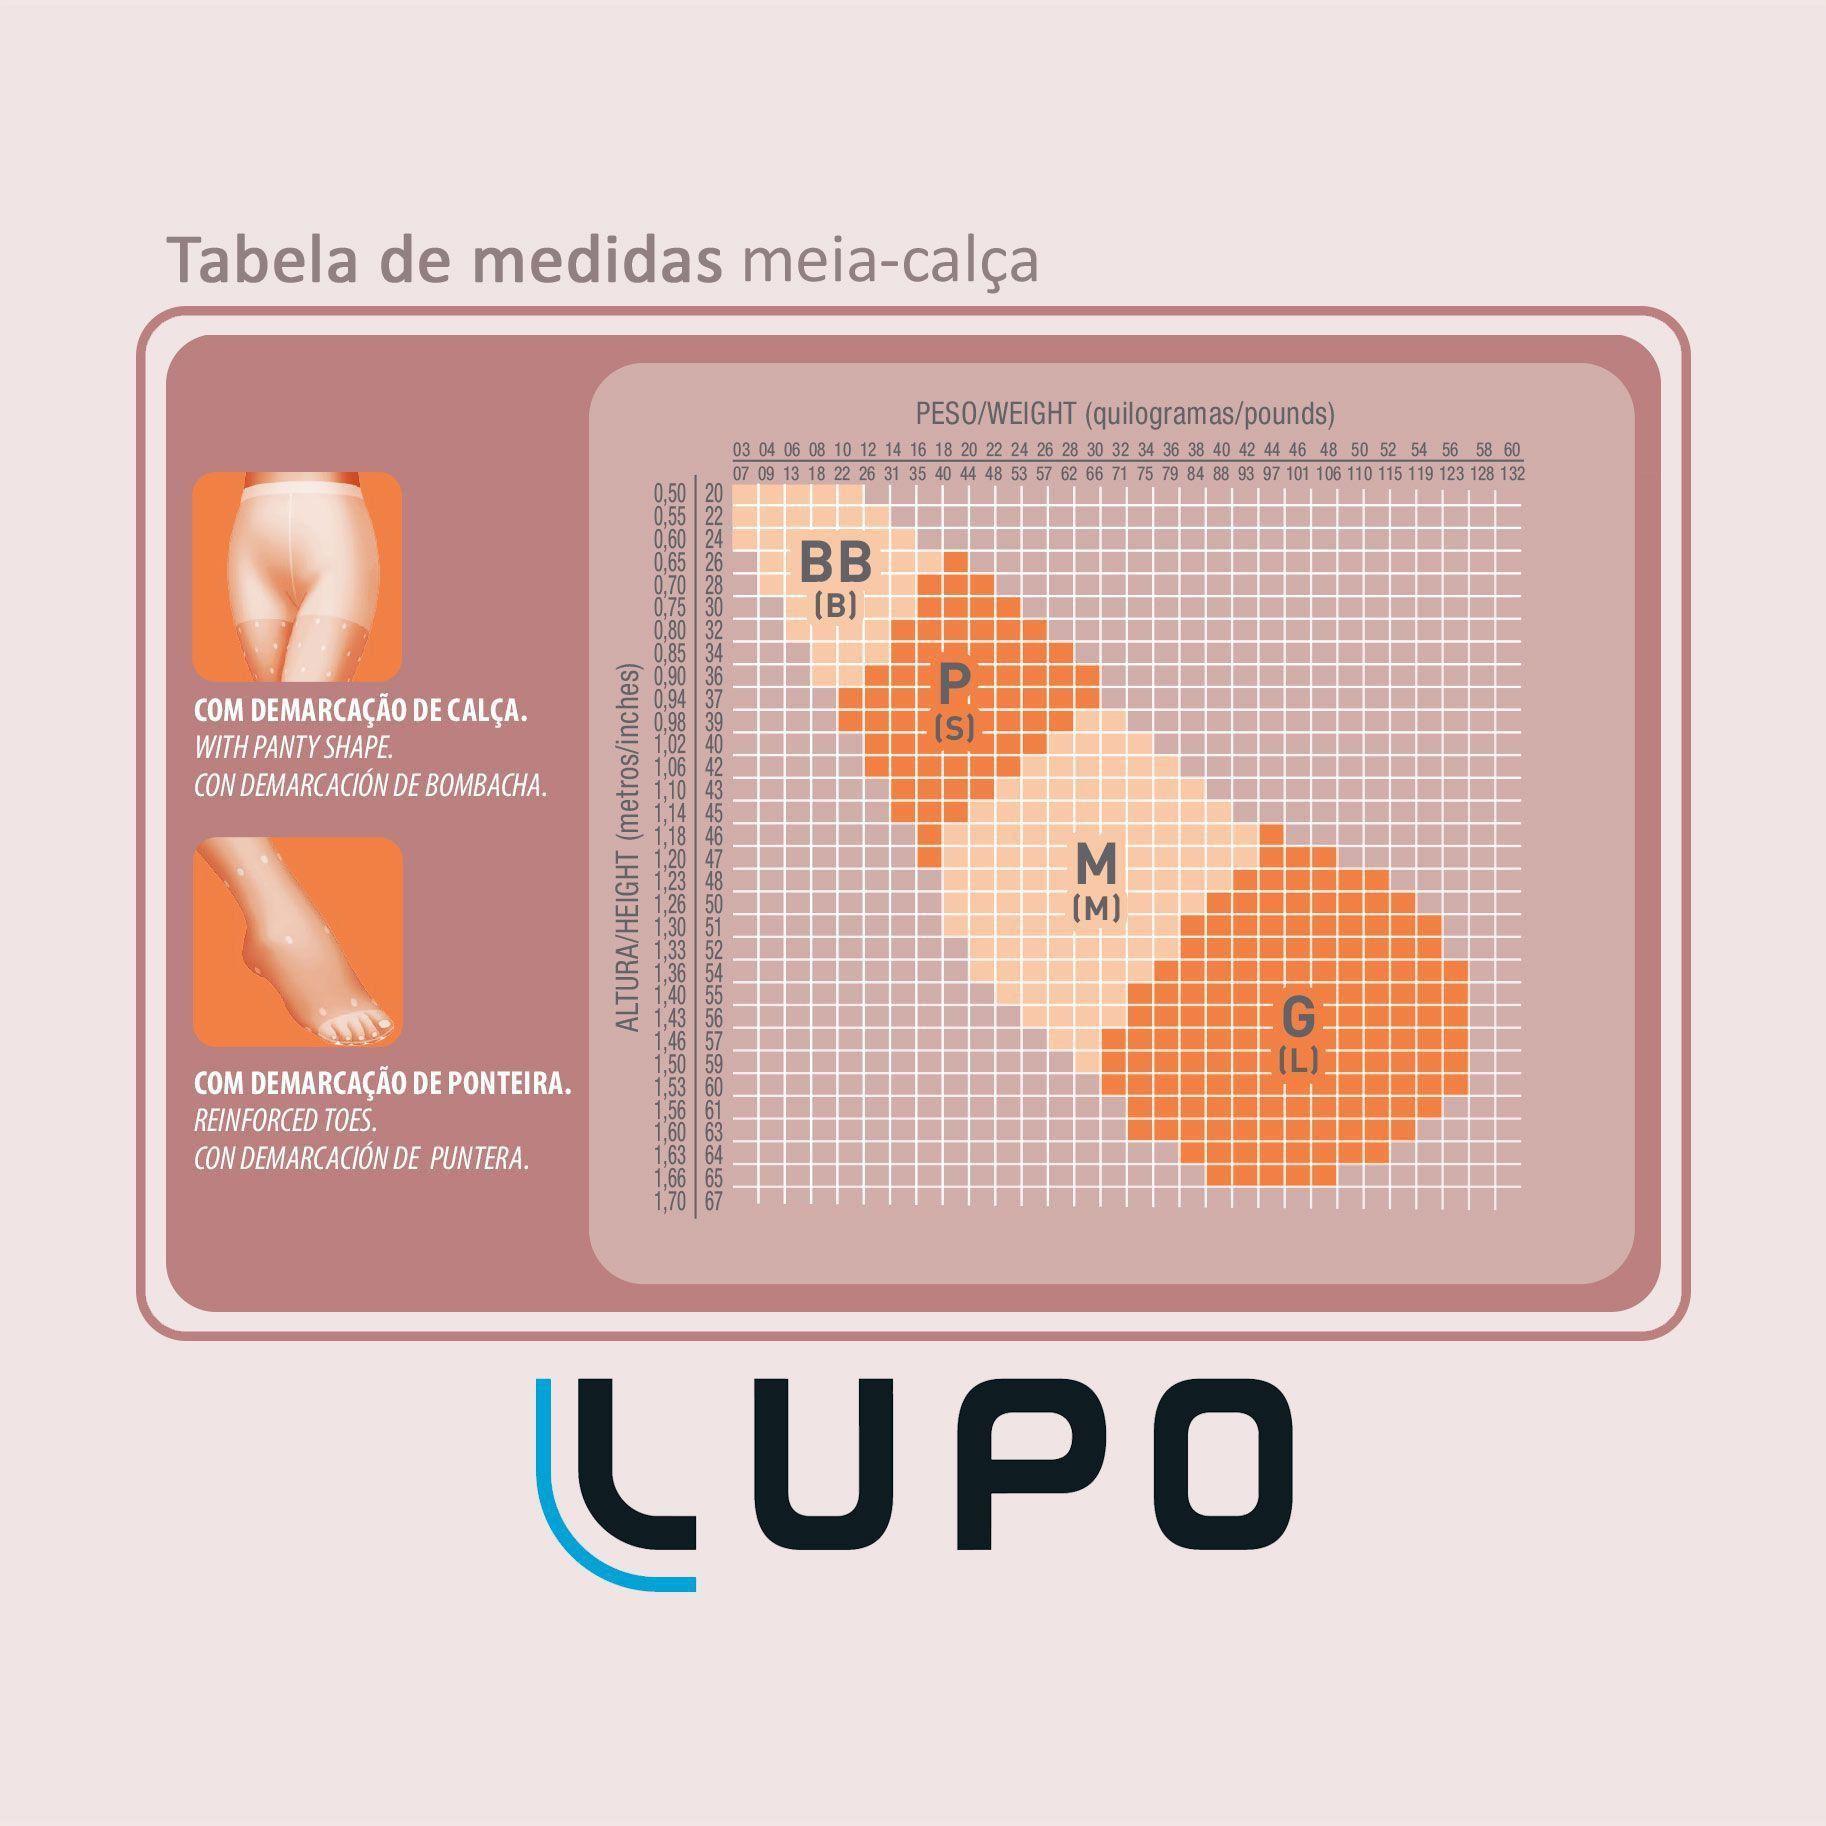 Meia Calça Infantil Rosa Fio 20 Lupo: Tabela de medidas